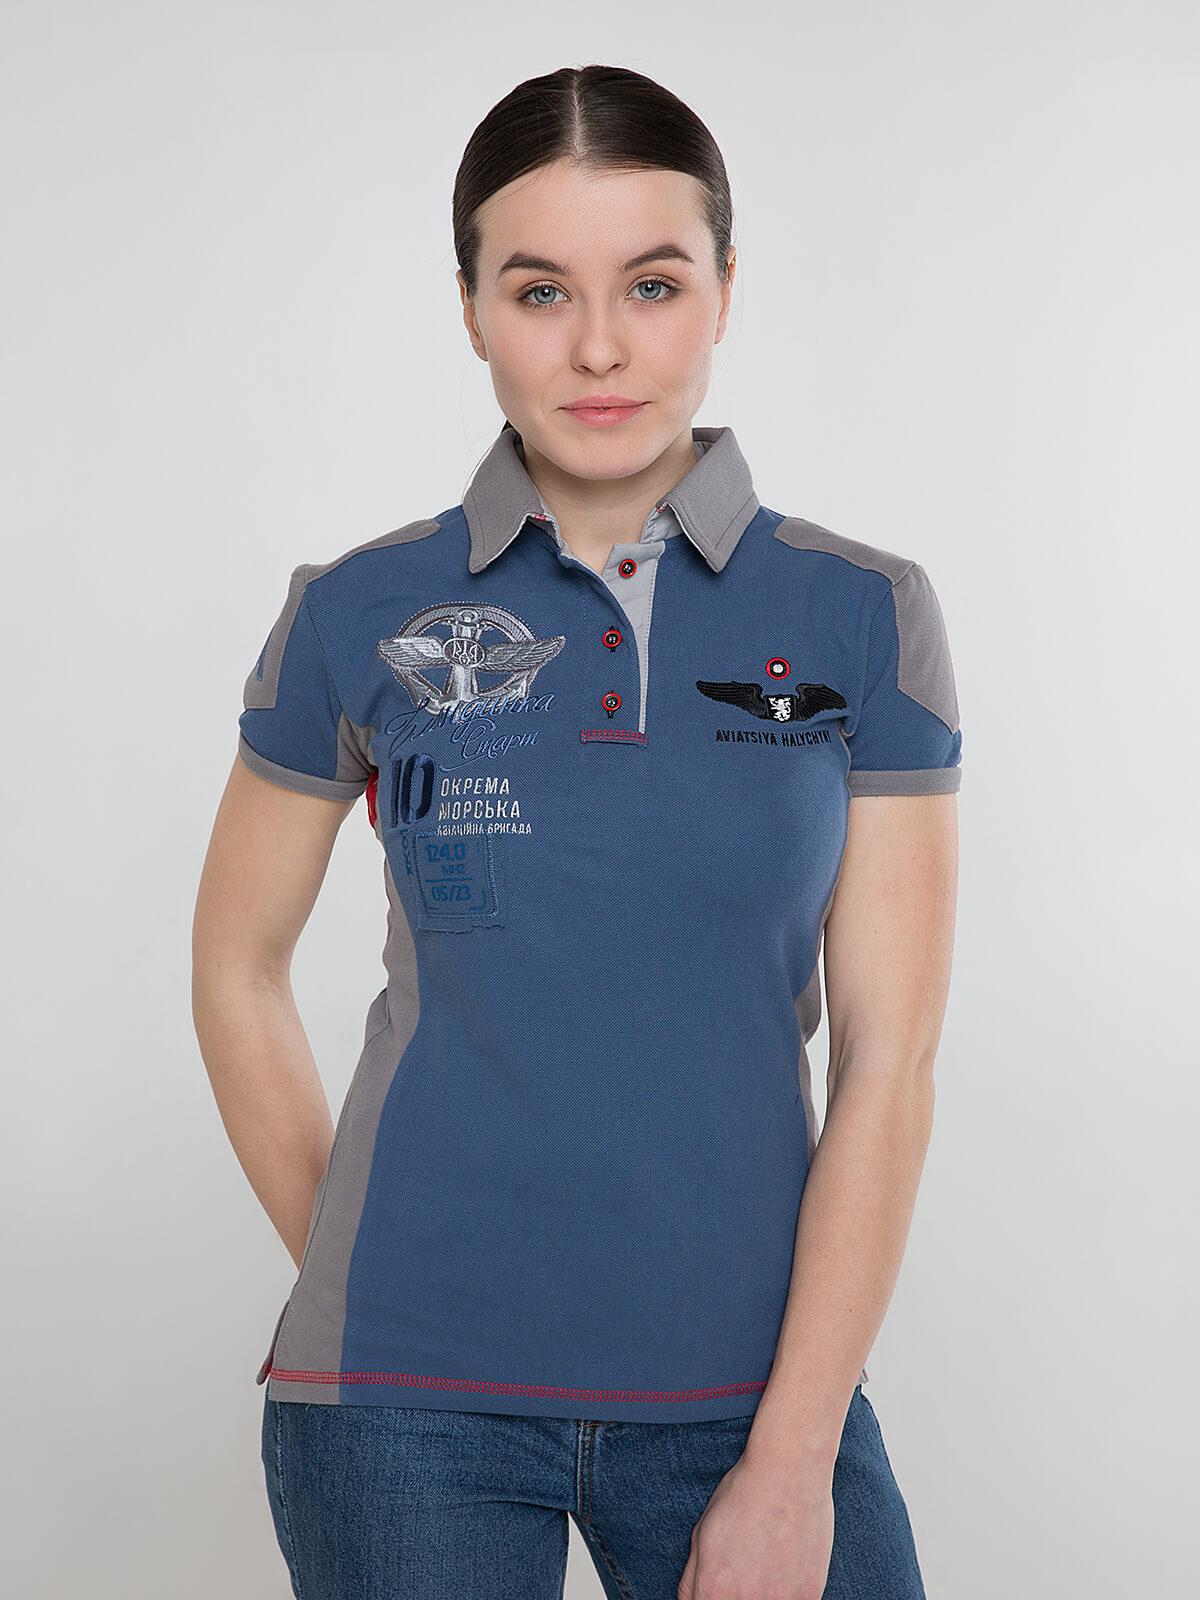 Women's Polo Shirt 10 Brigade. Color denim. Pique fabric: 100% cotton.